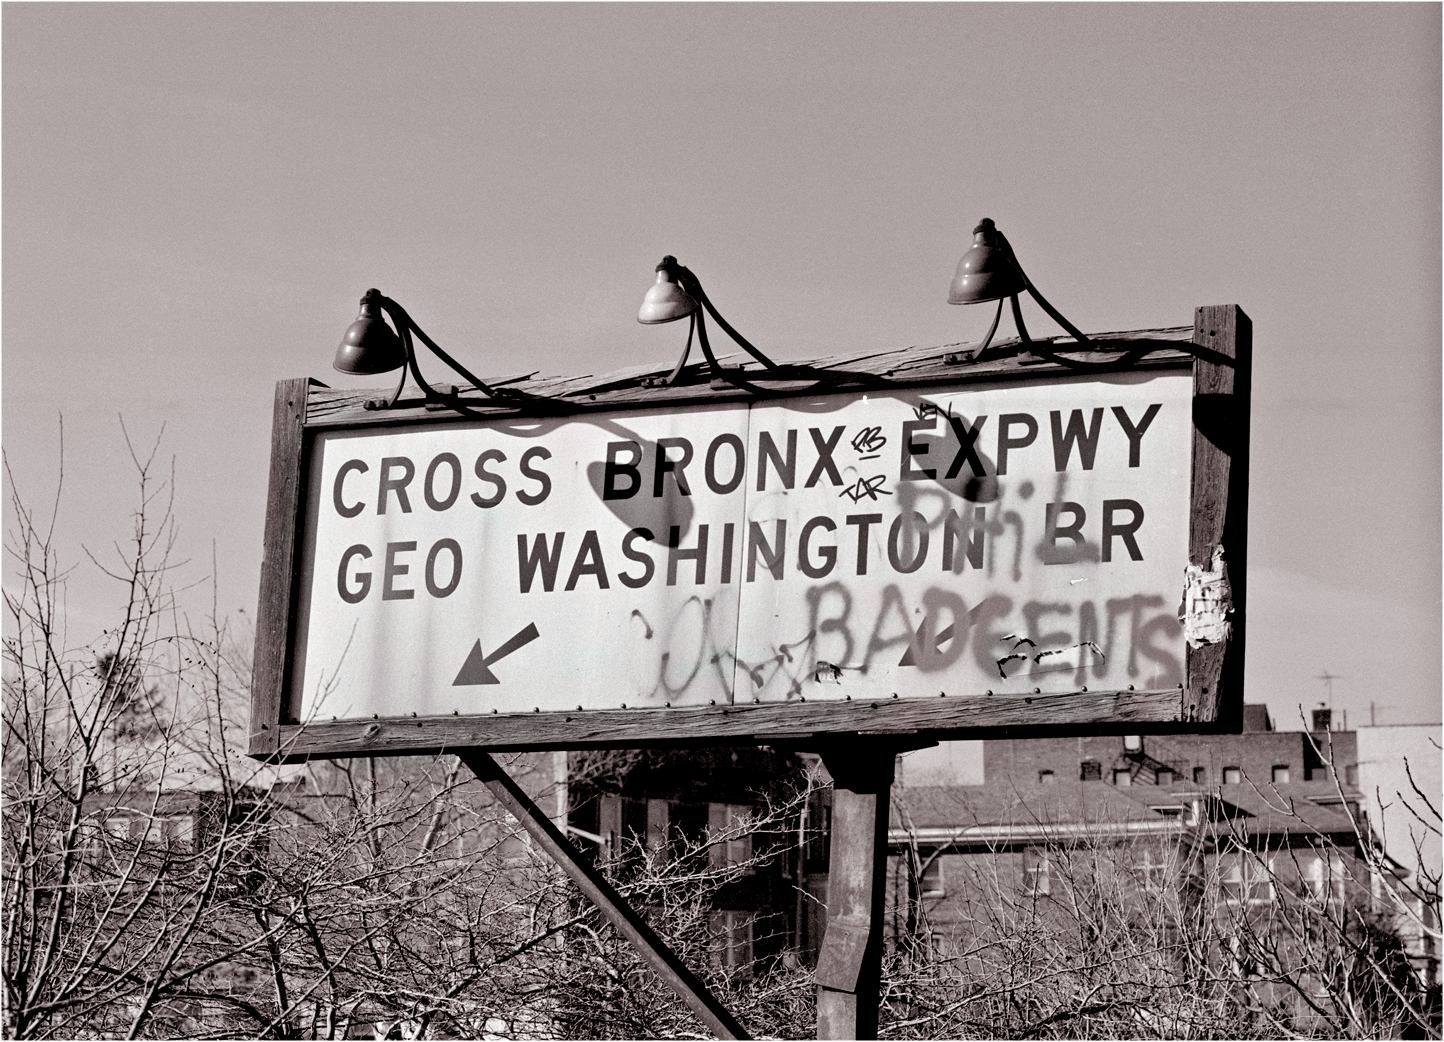 GW-BRIDGE-CROSS-BRONX-SIGN-MATT-WEBER